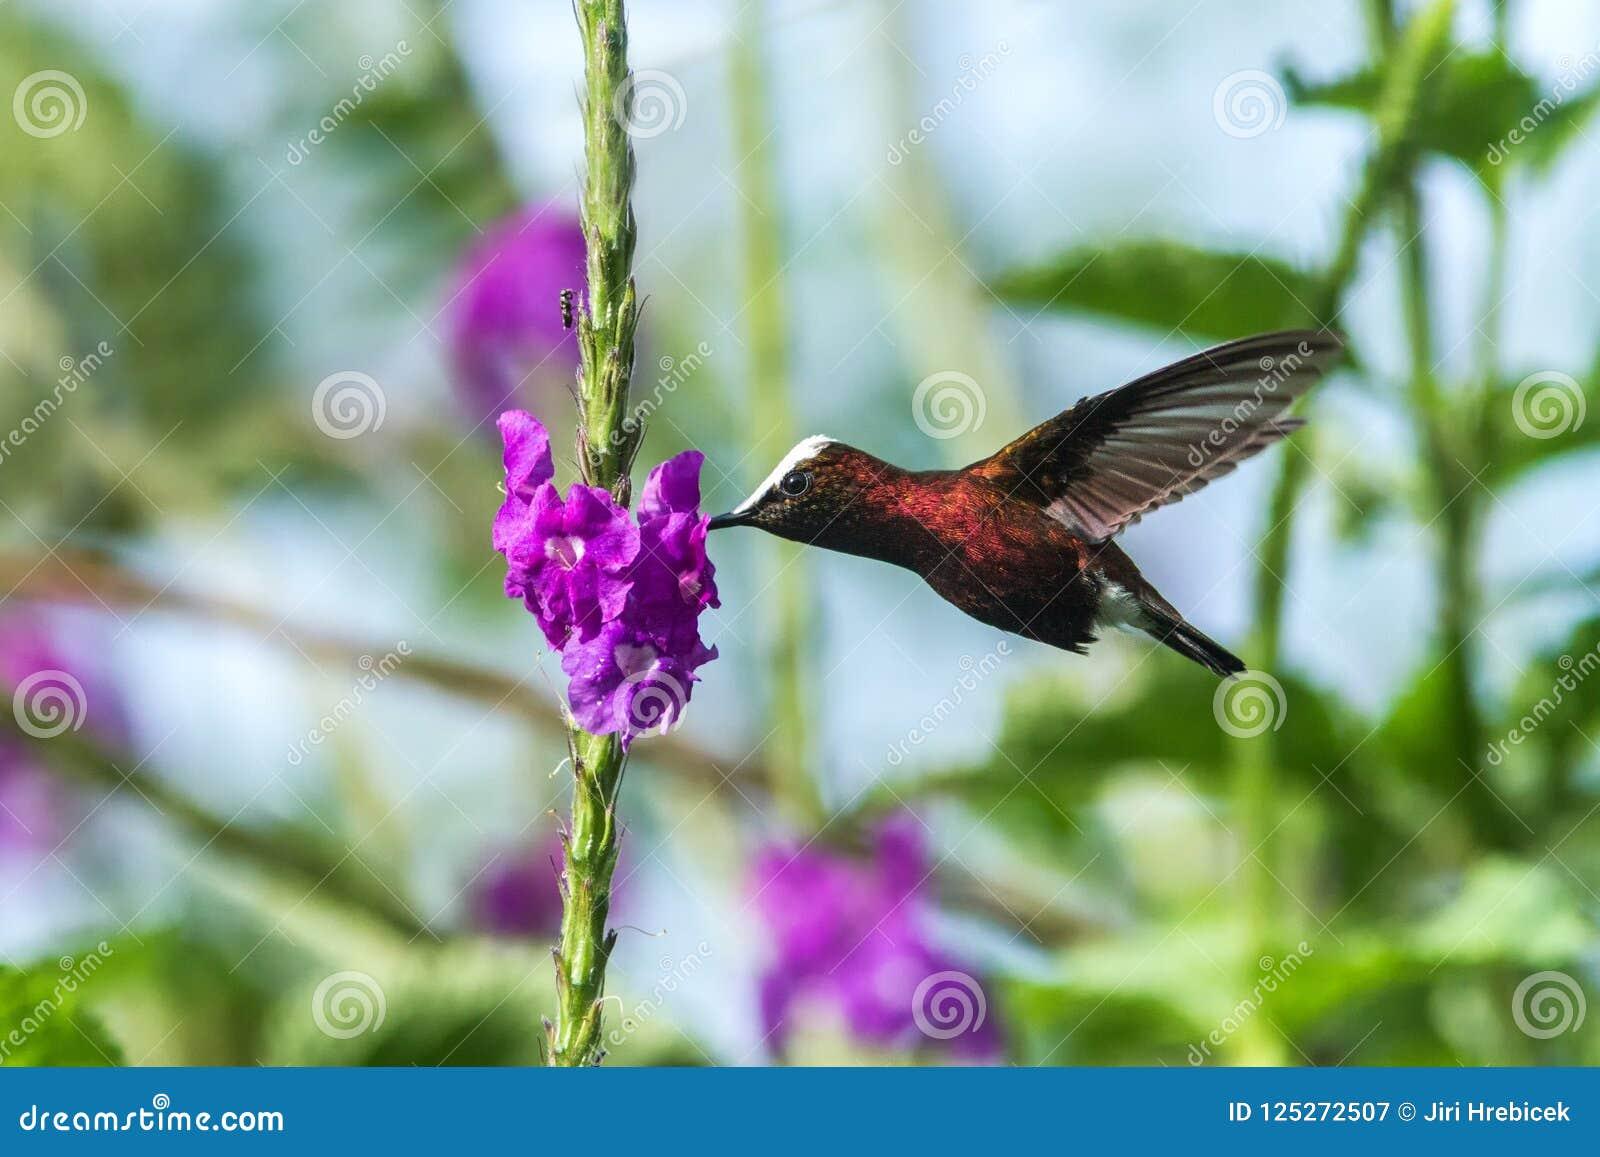 Snowcap, volante accanto al fiore viola, uccello dalla foresta tropicale della montagna, Costa Rica, habitat naturale, endemico